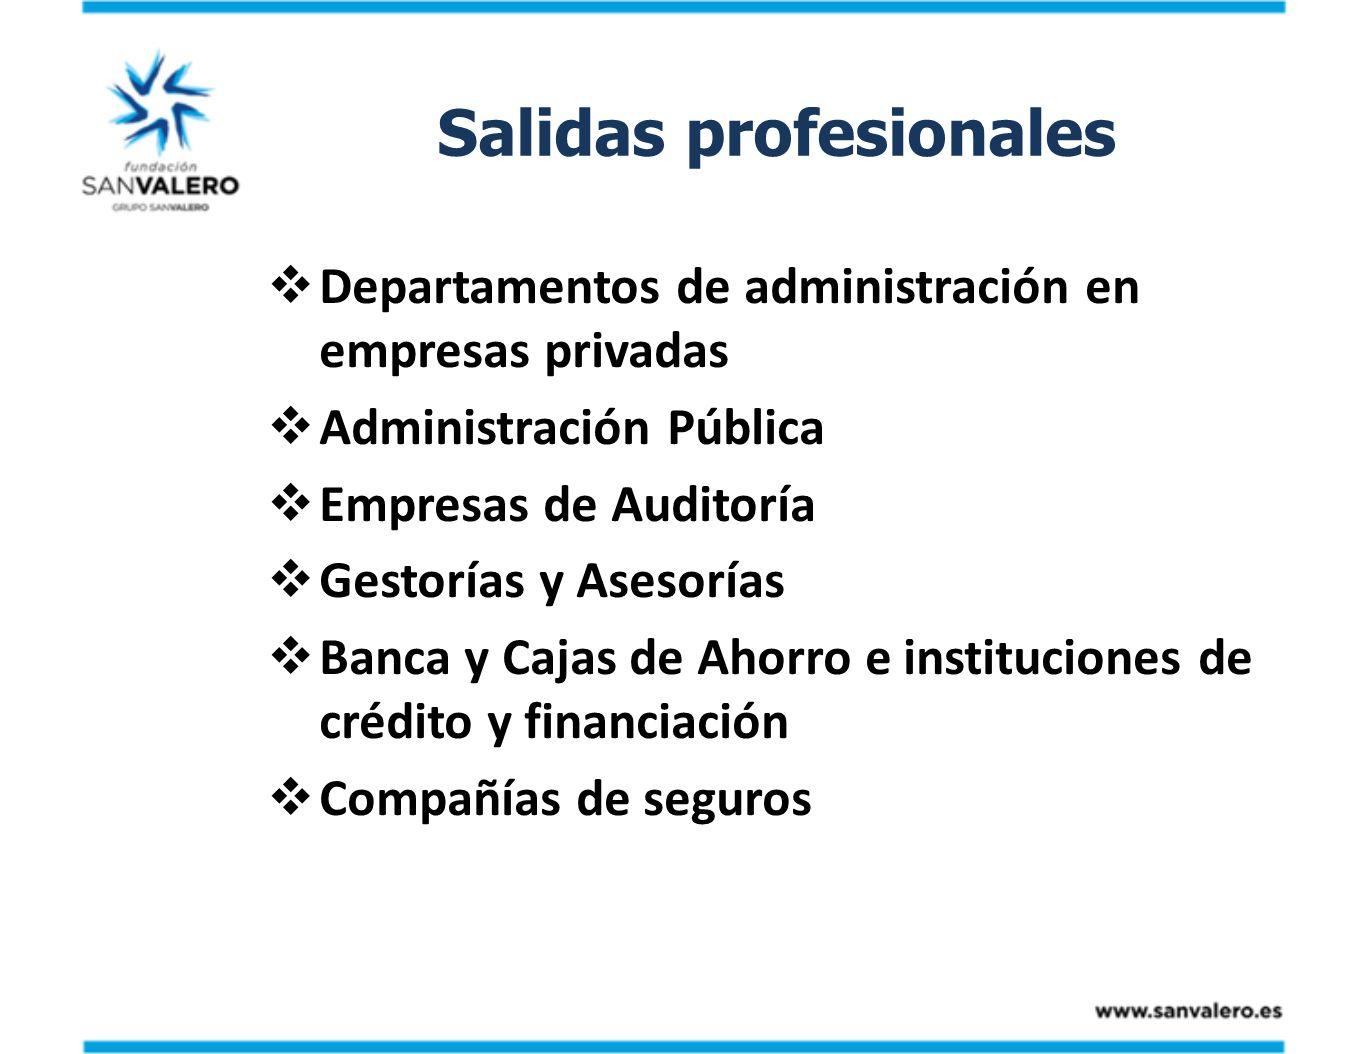 Salidas profesionales Departamentos de administración en empresas privadas Administración Pública Empresas de Auditoría Gestorías y Asesorías Banca y